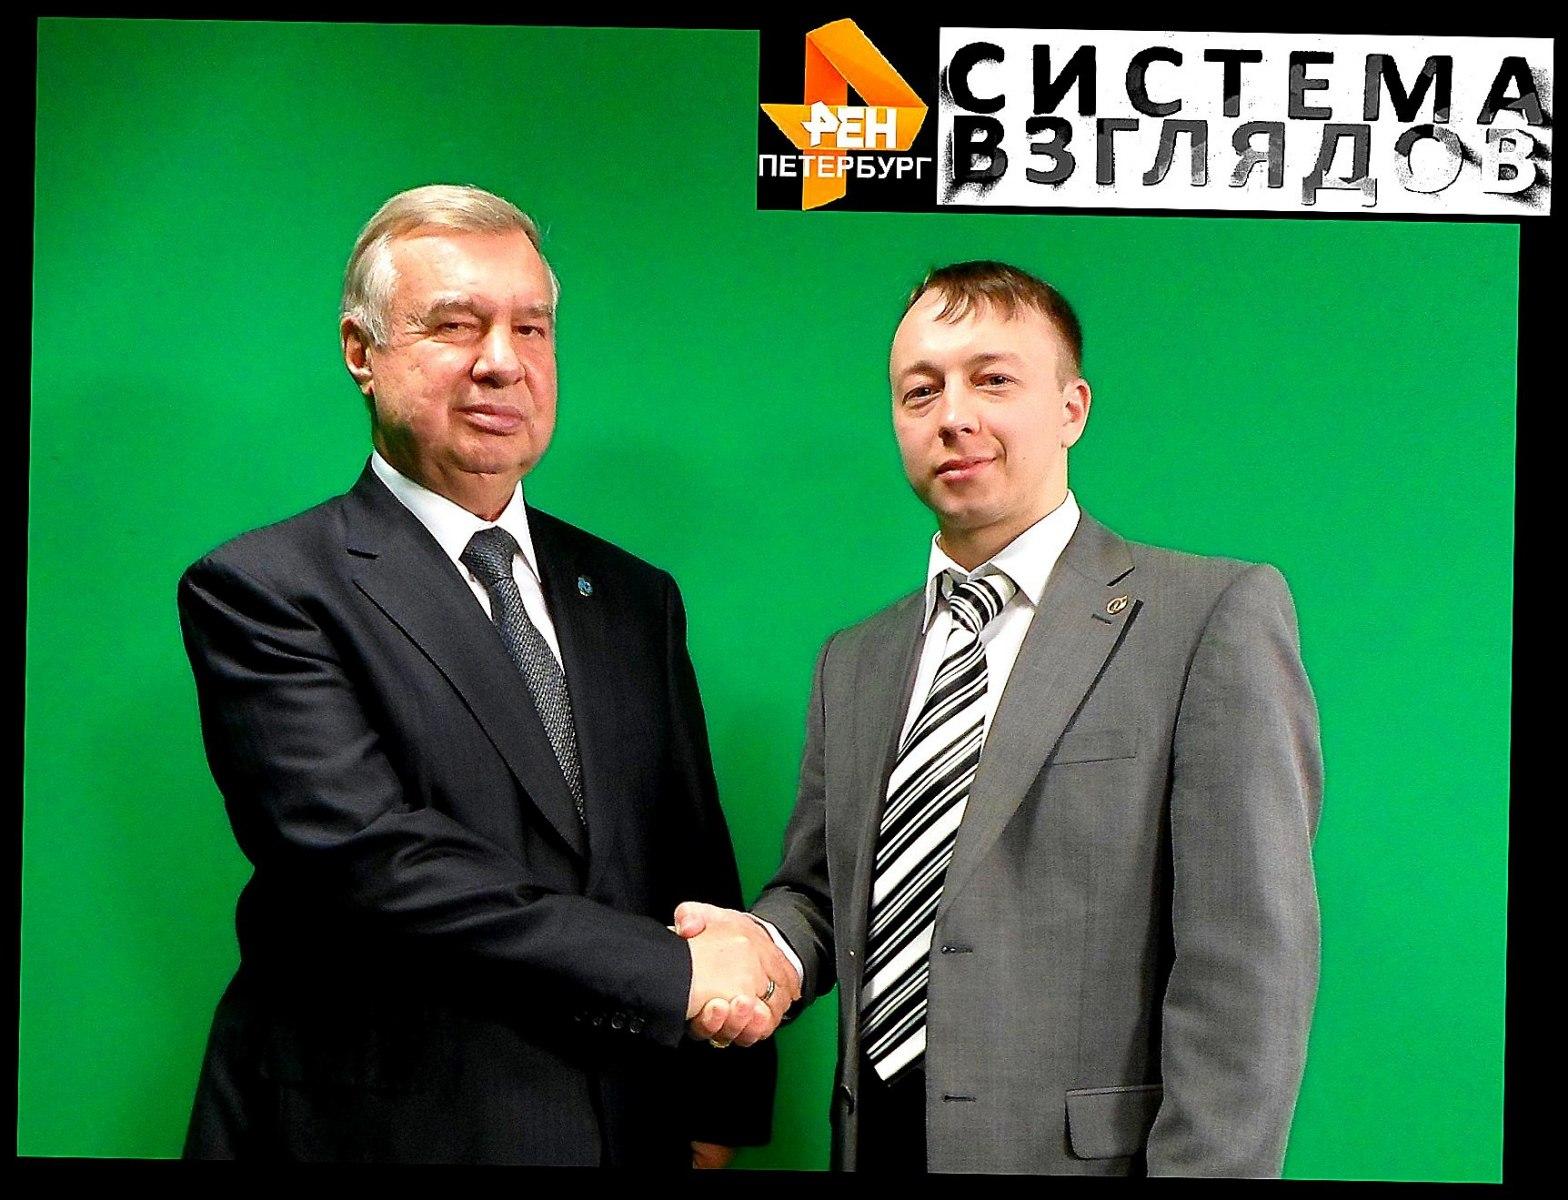 Фото из архива. Сергей Иванов